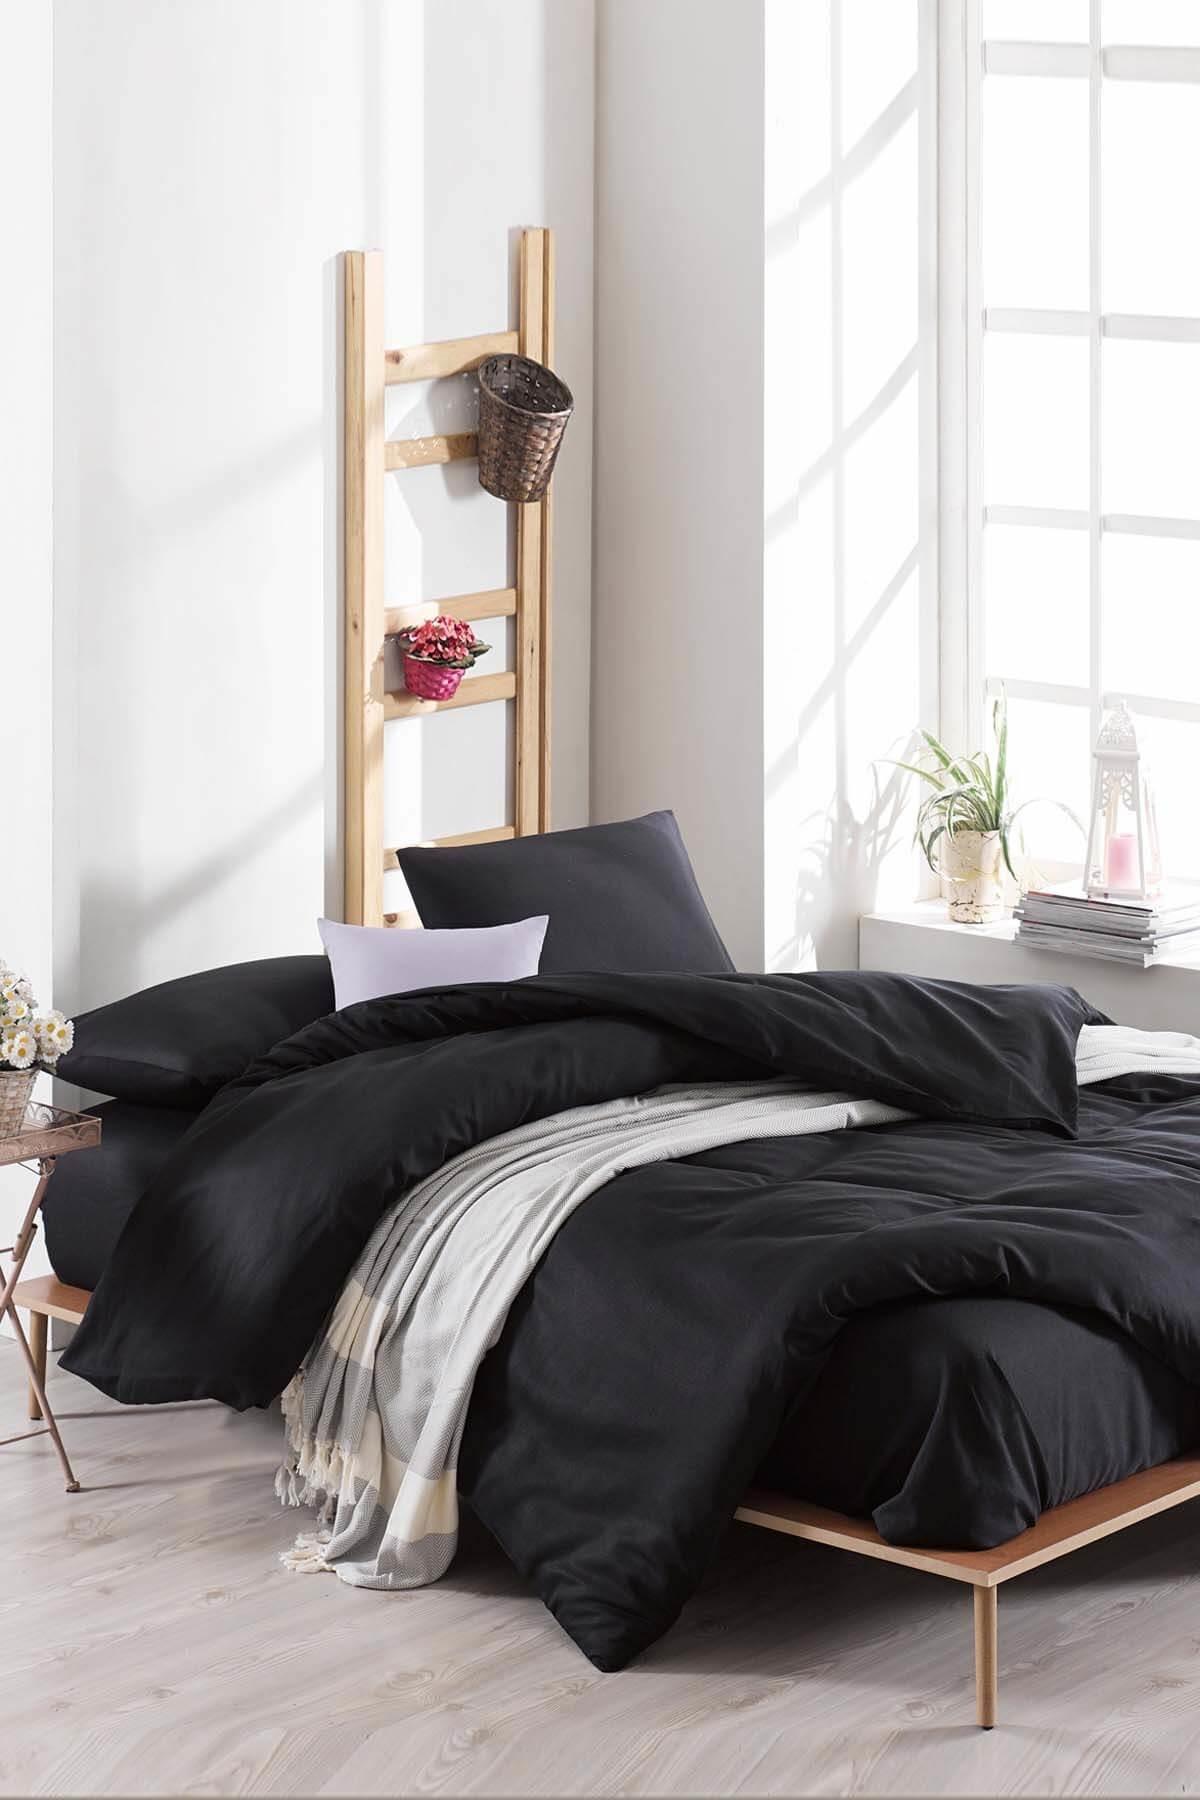 Ev & Ev Home Çift Kişilik Paint Nevresim Takımı D.Boya Siyah 1